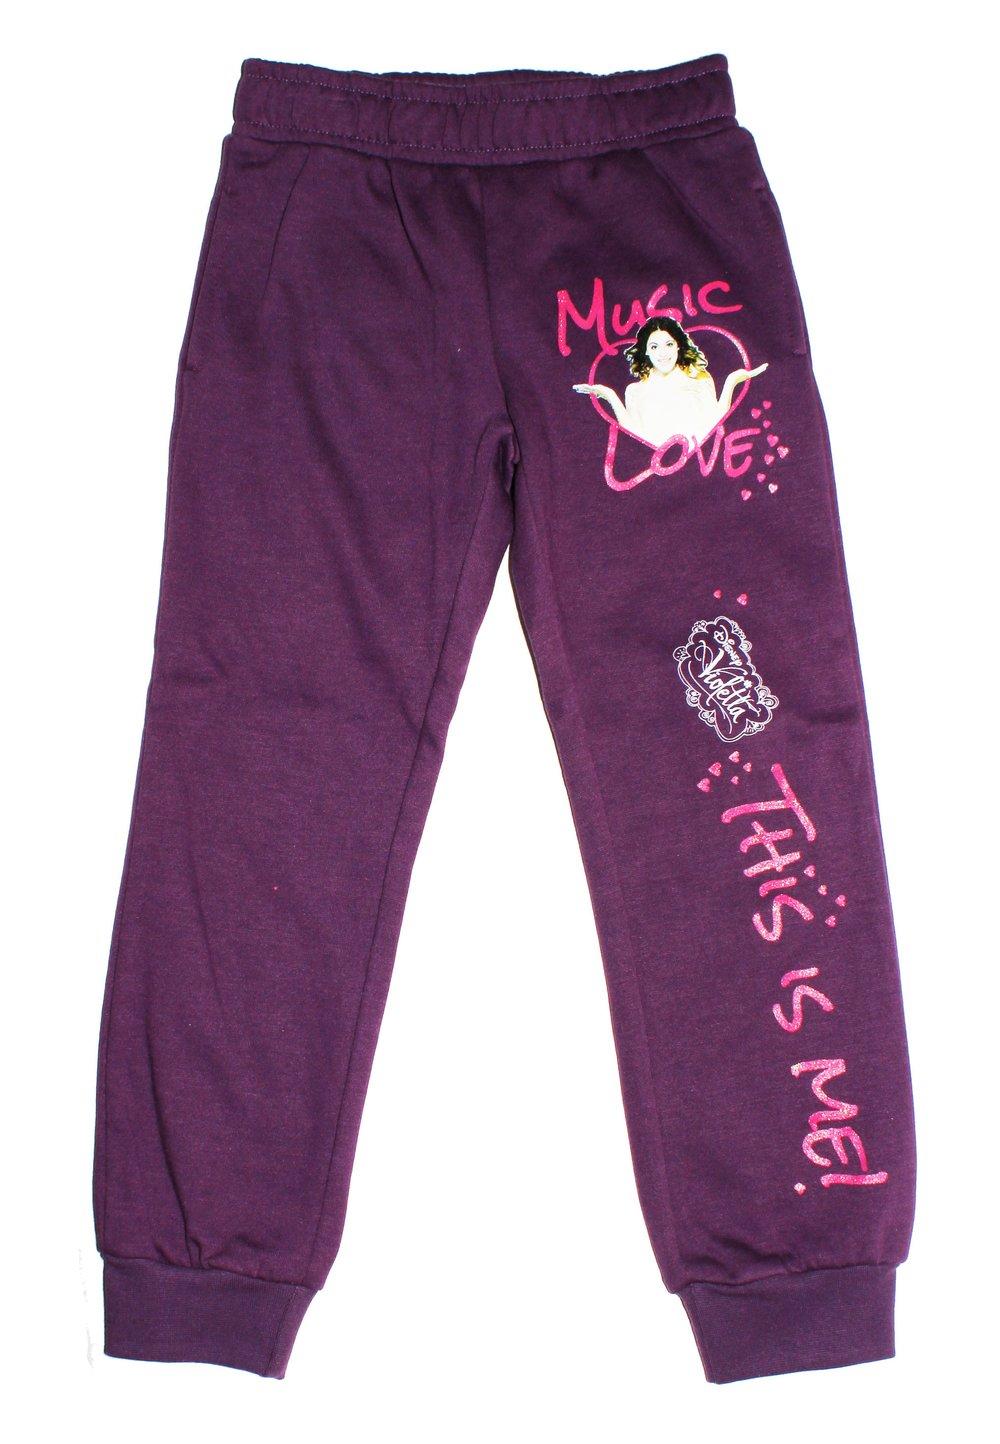 Pantaloni trening, Violetta, mov imagine